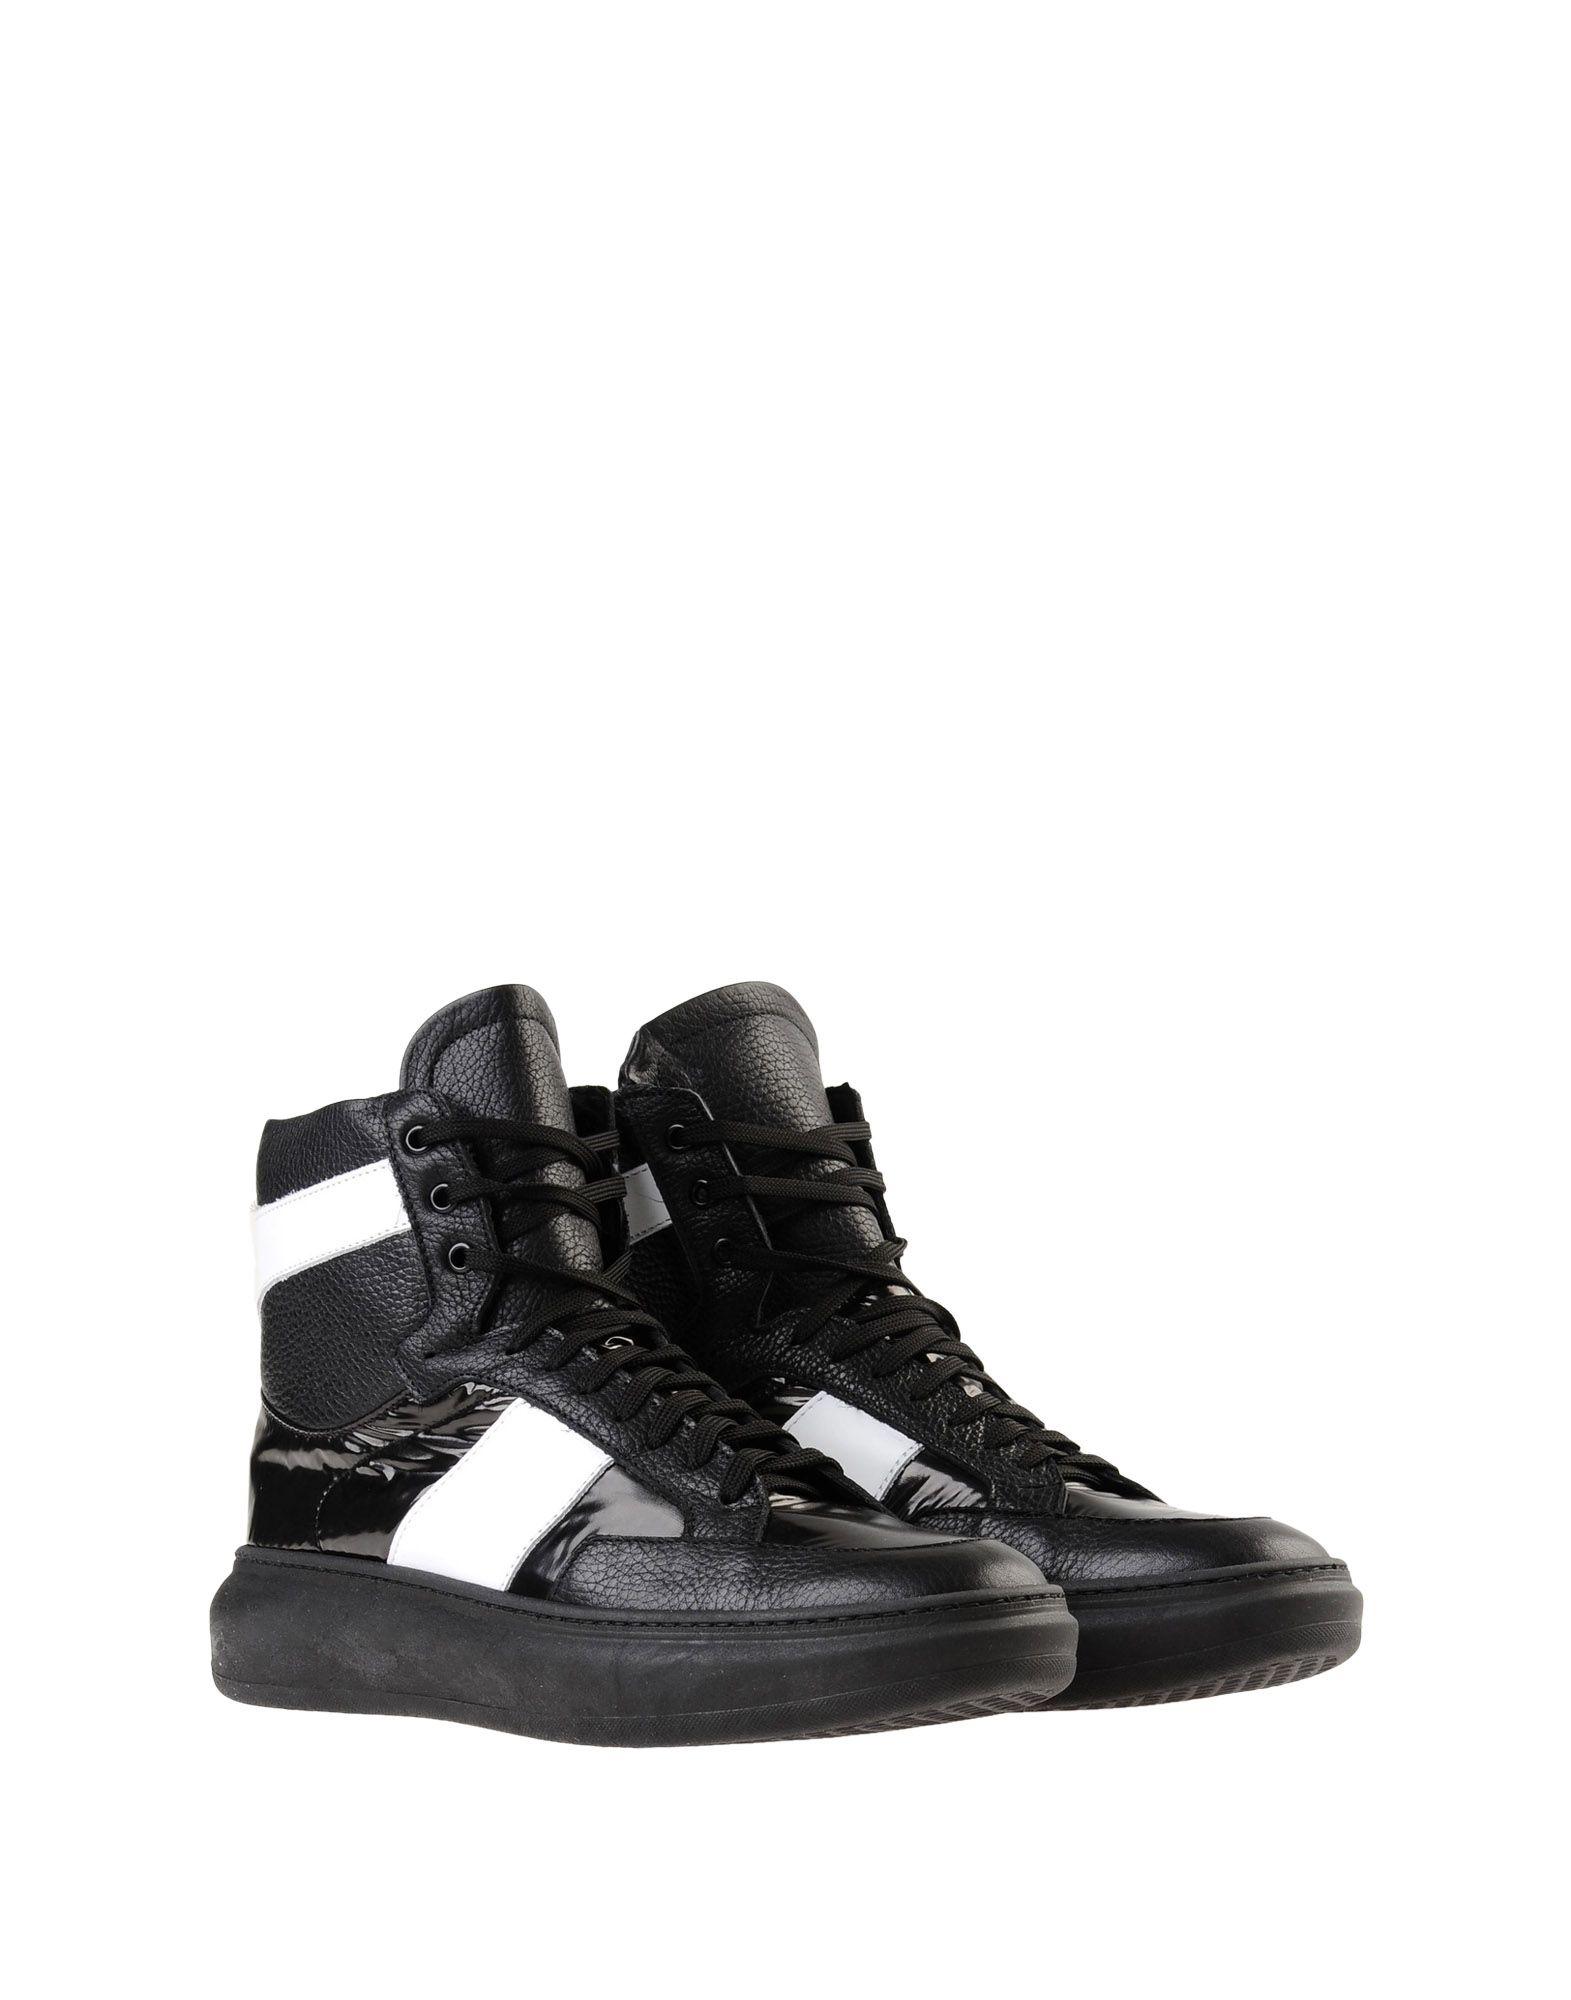 Pierre Darré Sneakers Herren   11536114LJ f390c7